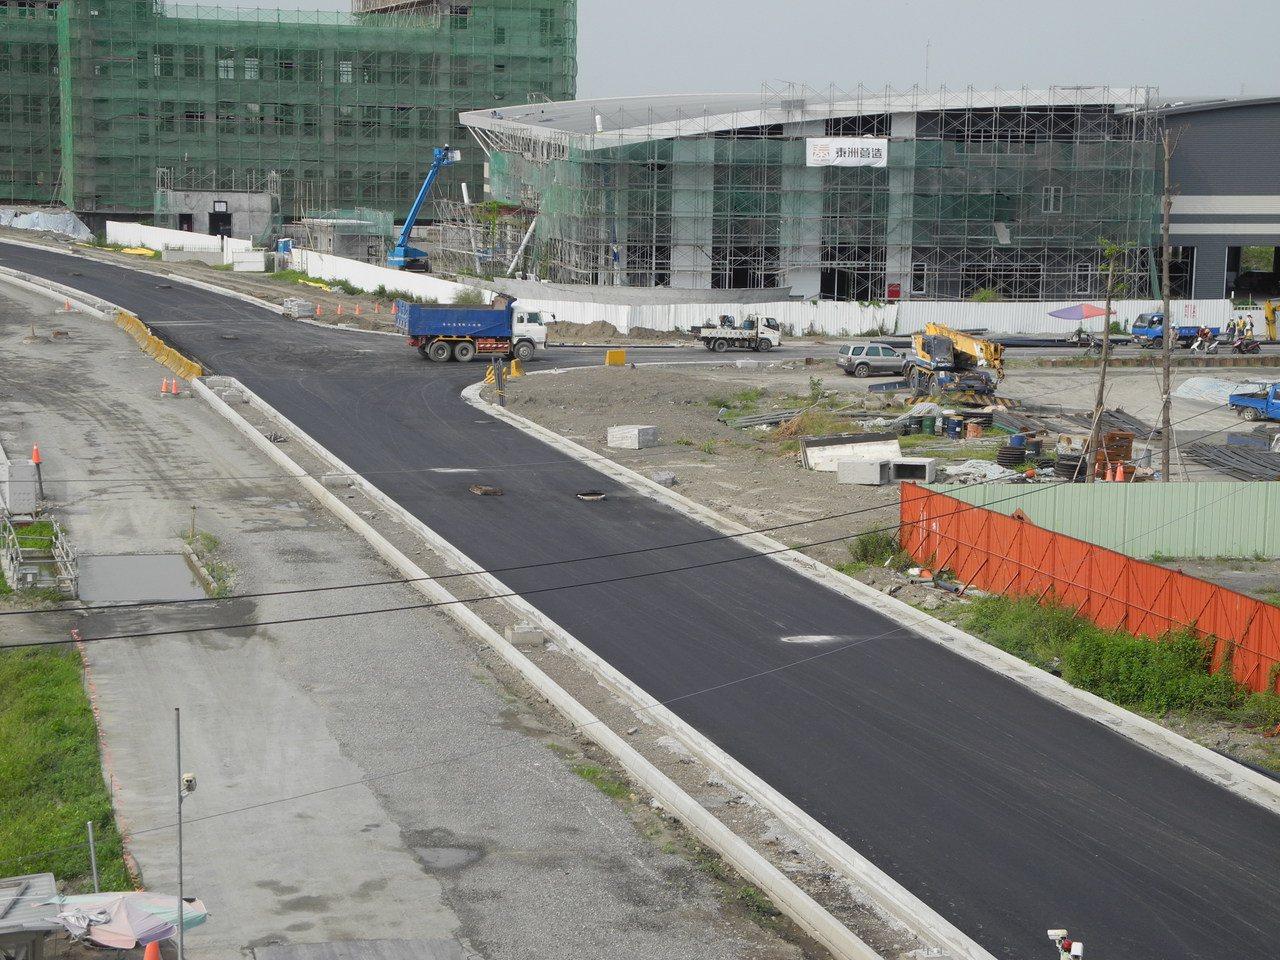 和發產業園區大發基地標竿產業區的30米道路已完工。 圖/高雄市府提供